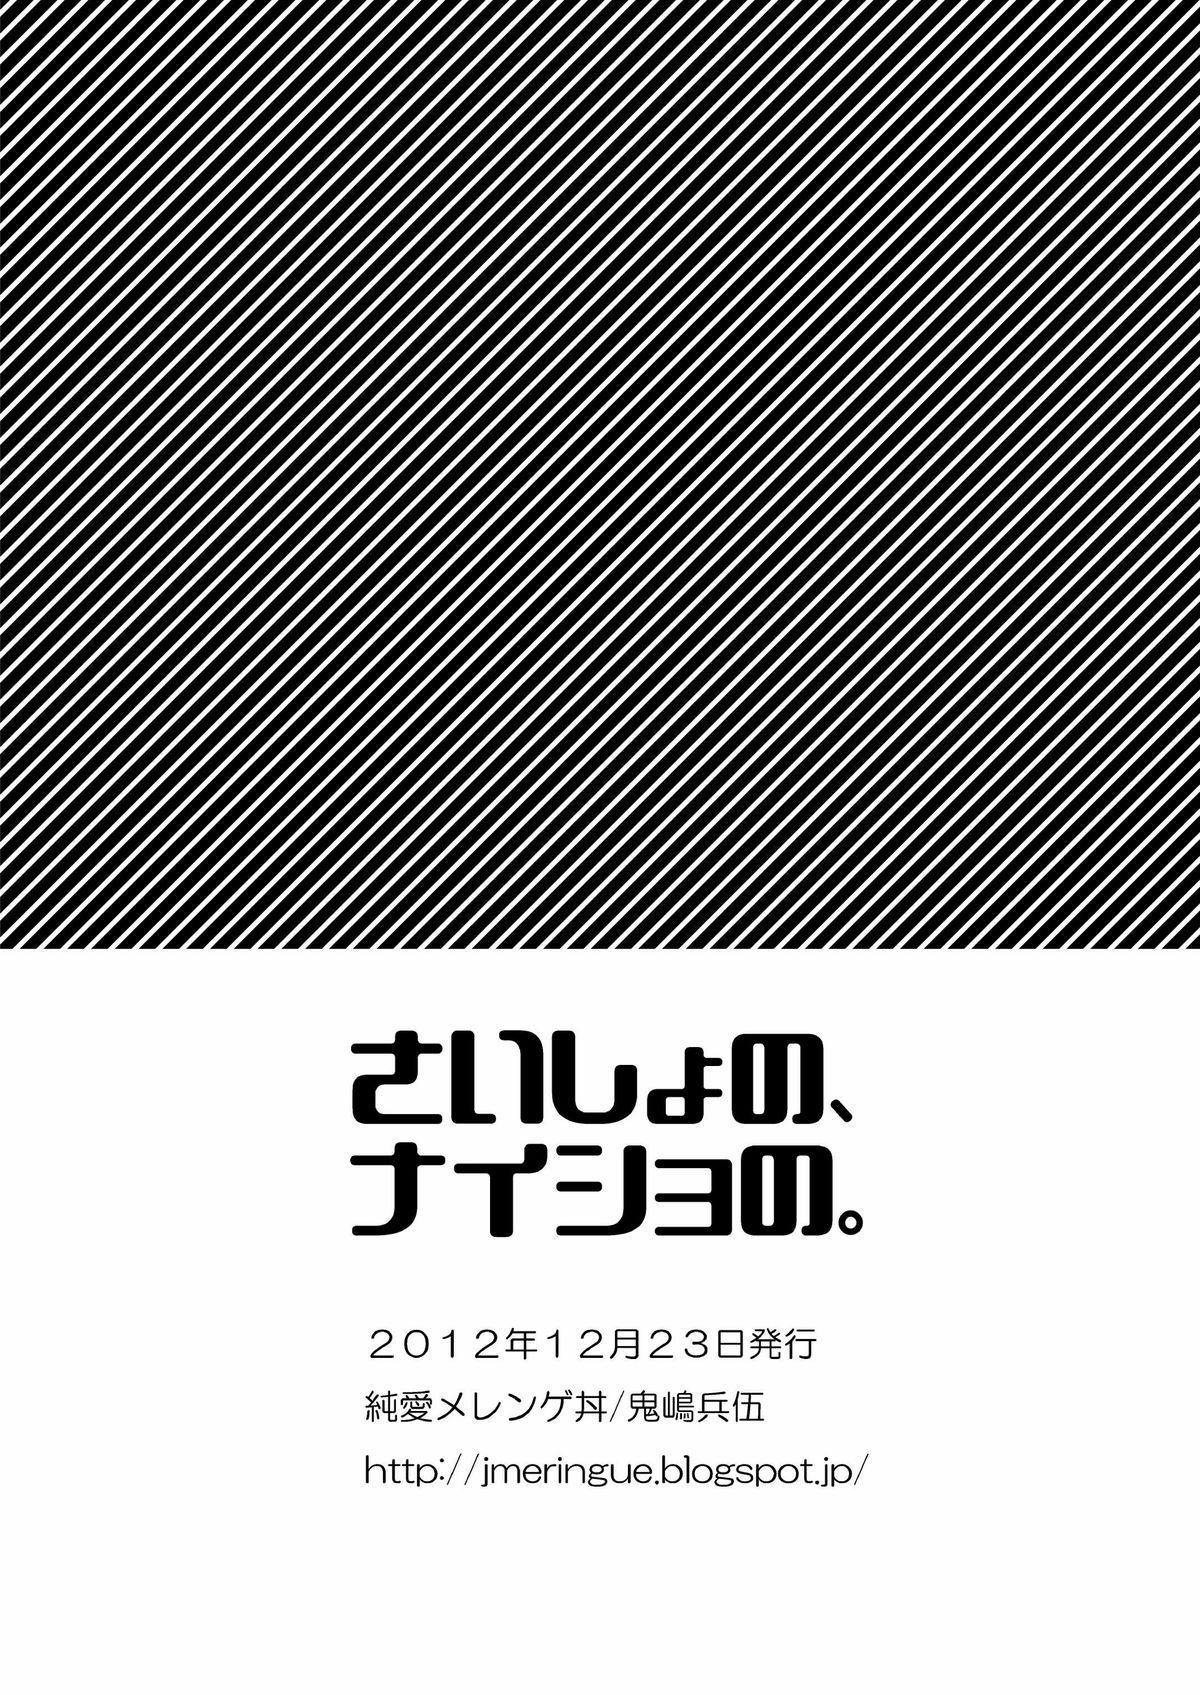 Saisho no, Naisho no. + Natsunokedamono 28